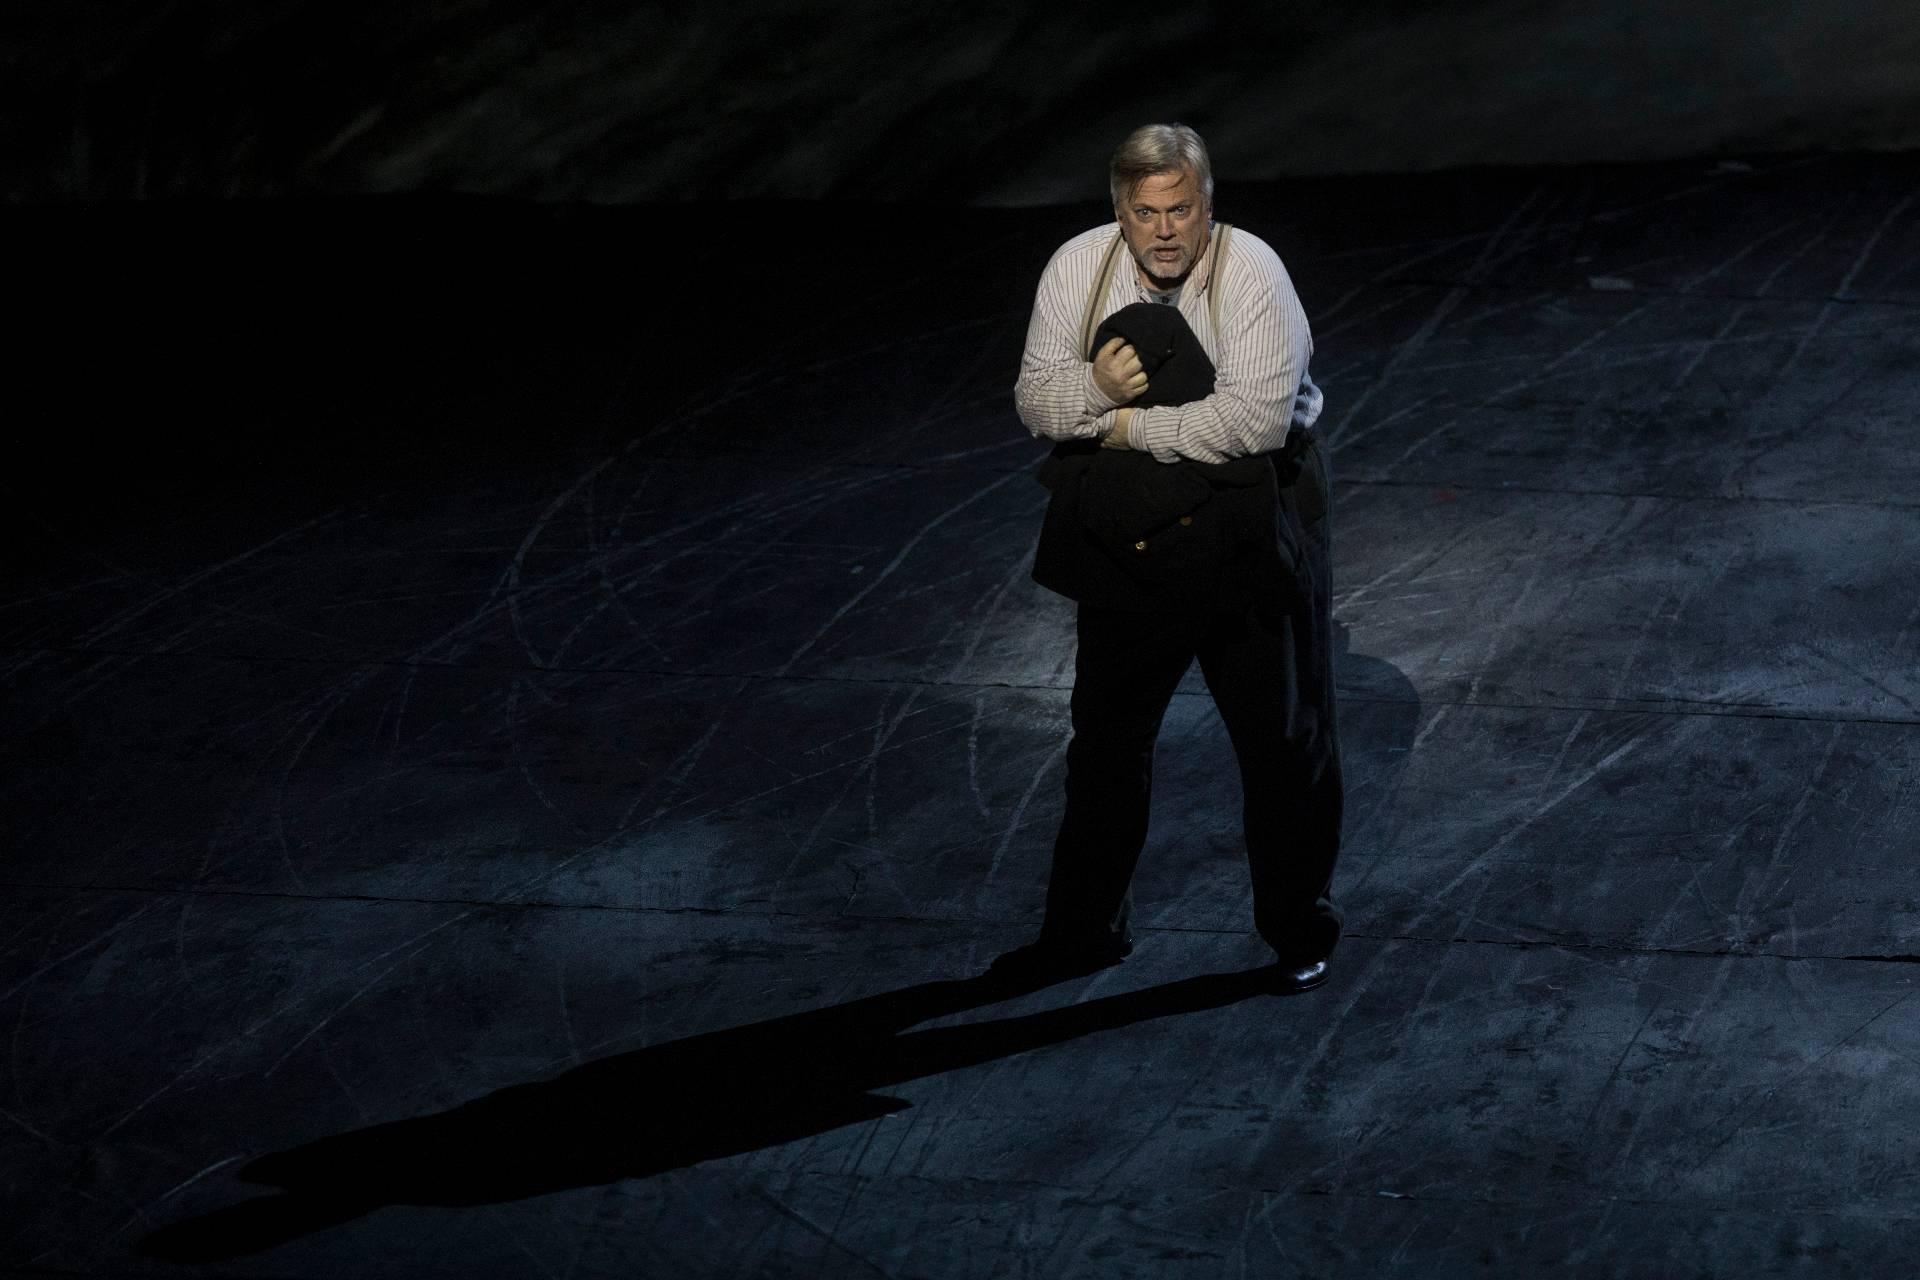 Peter Grimes de Benjamin Britten. Fotografías: Miguel Lorenzo / Mikel Ponce